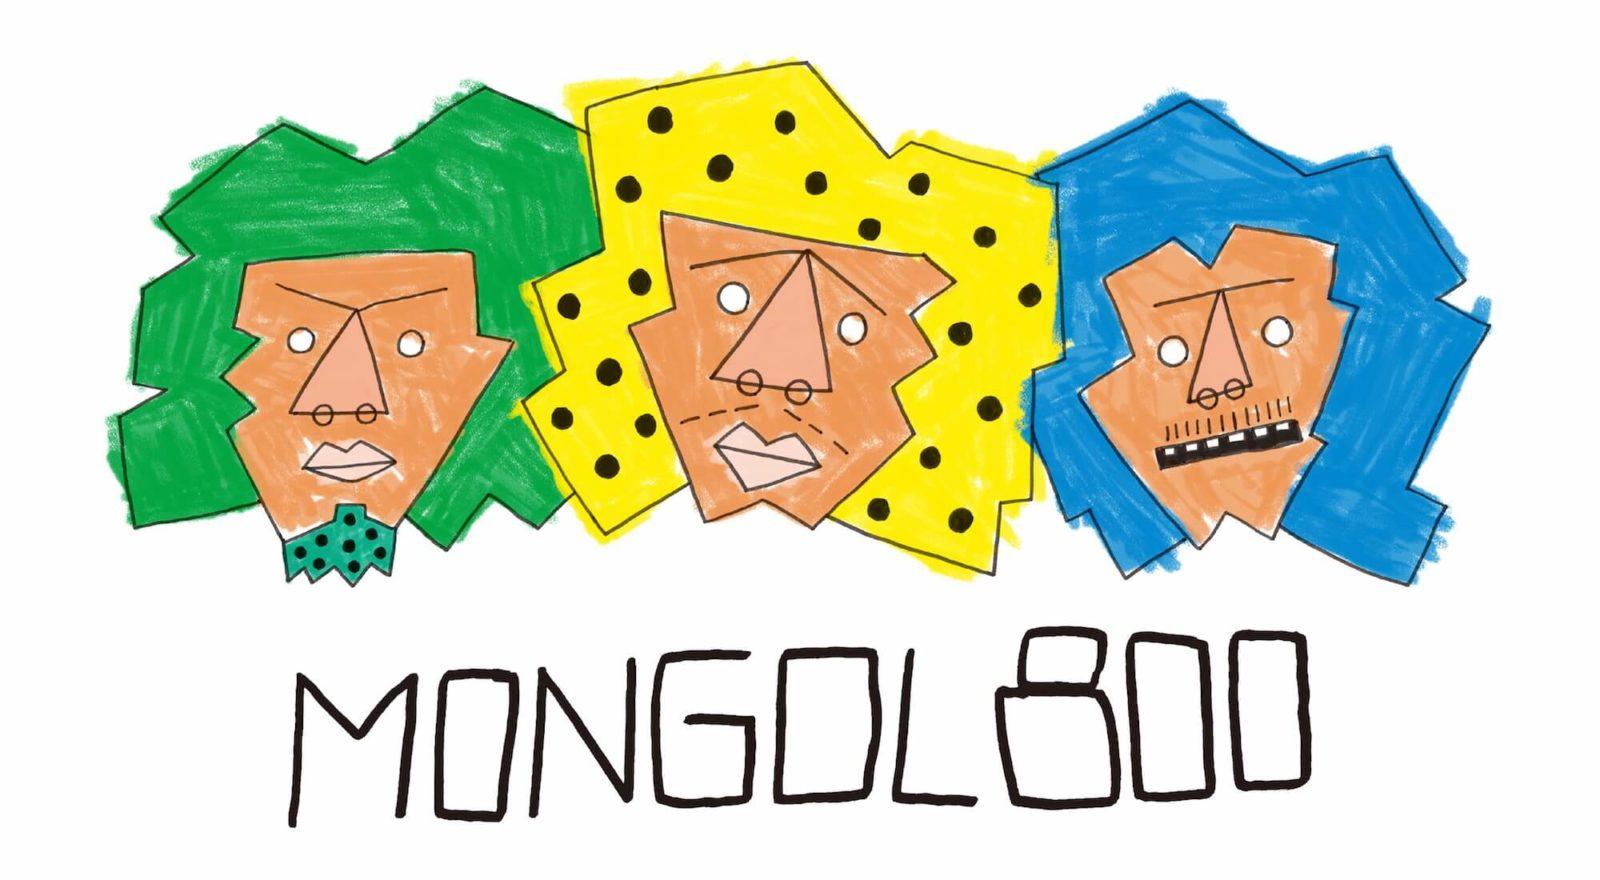 MONGOL800の日本武道館公演の生中継が決定サムネイル画像